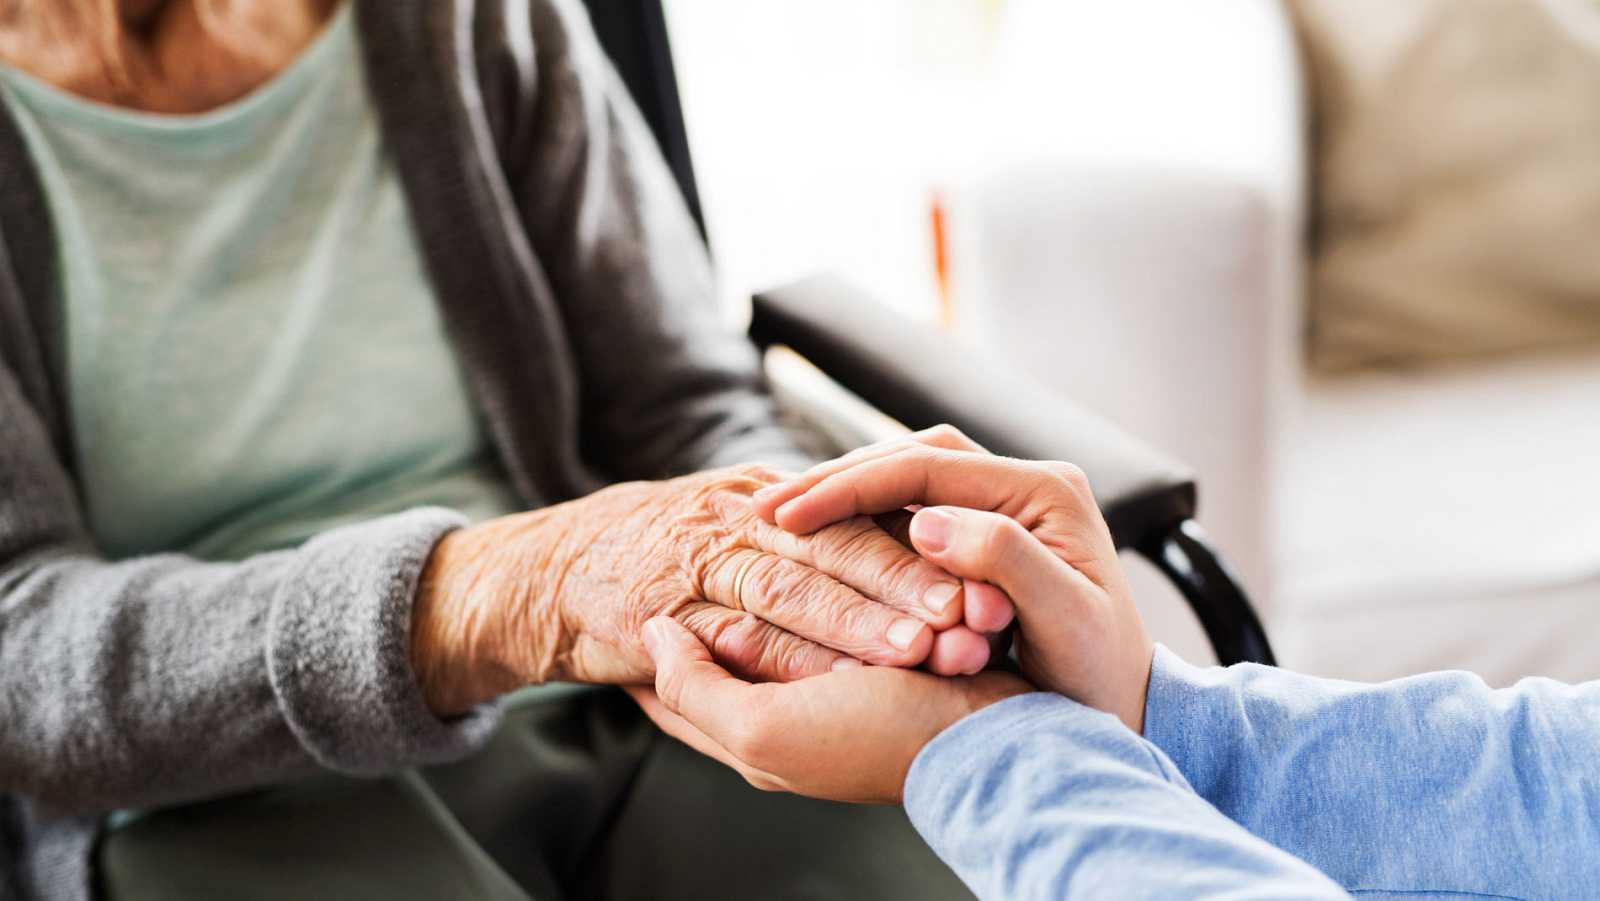 Un asistente asnitario sostiene las manos de una mujer dependiente durante una visita.